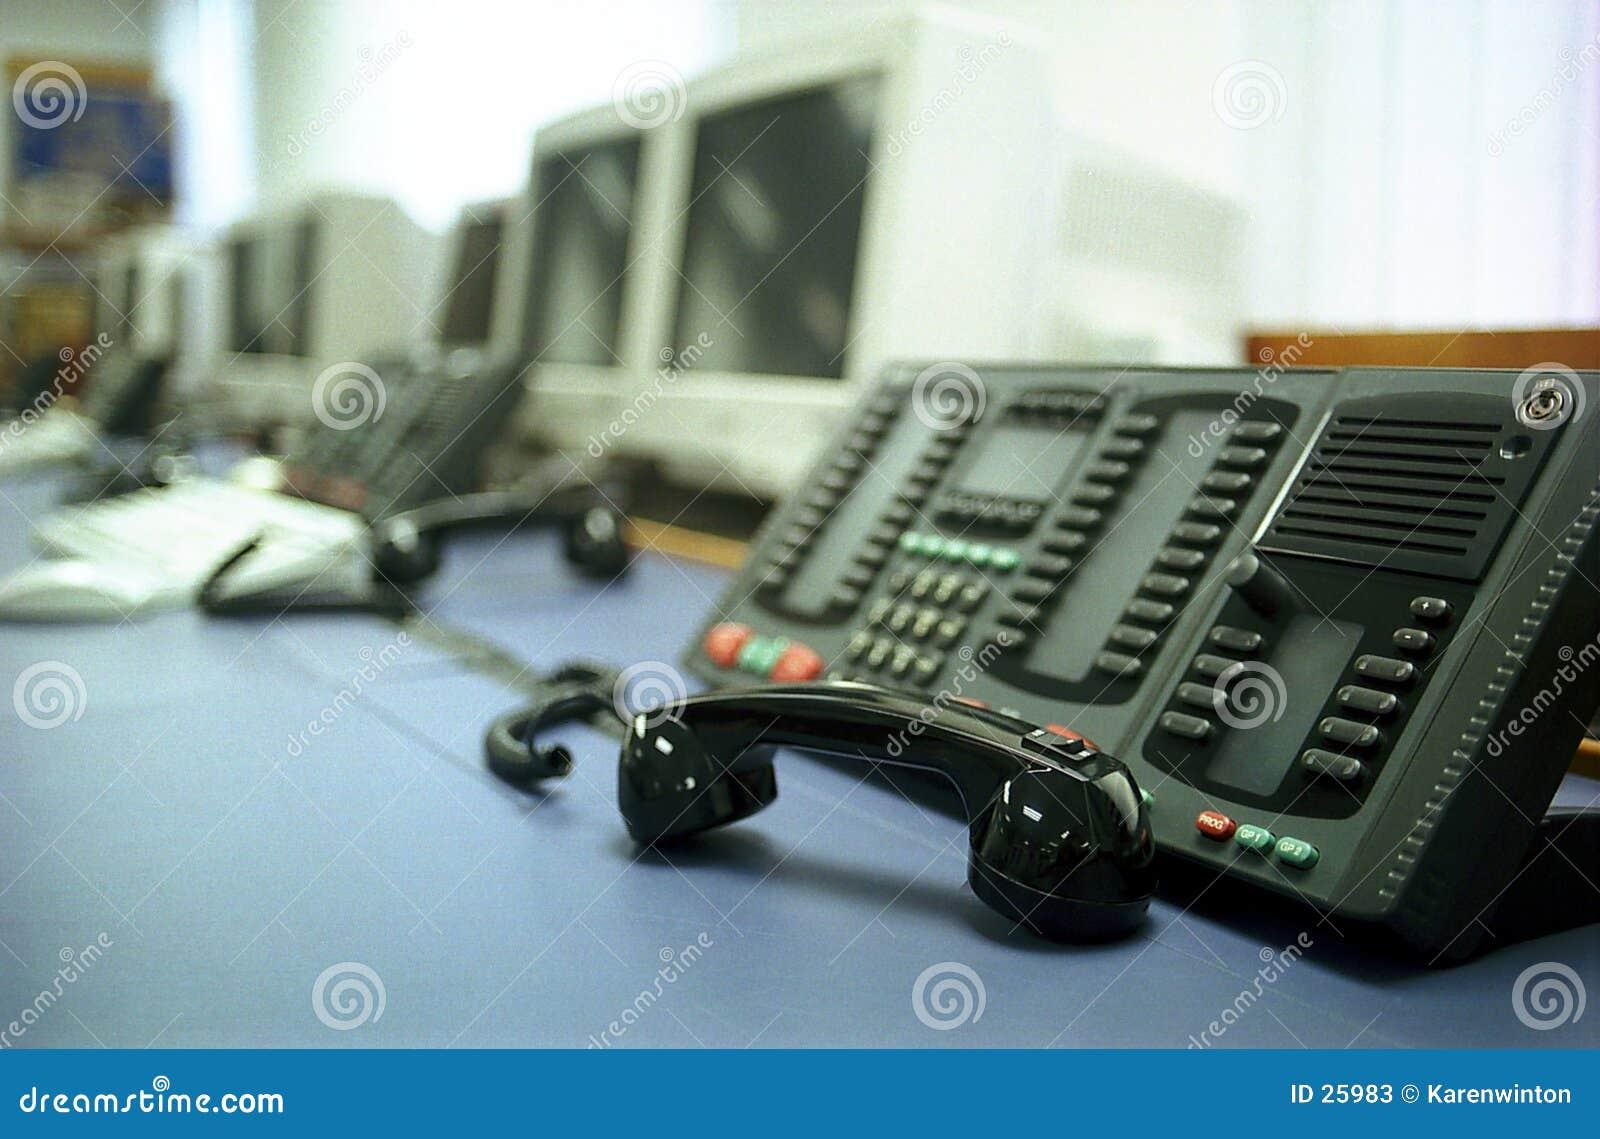 Download Teléfonos Del Gancho De Leva Imagen de archivo - Imagen de desktops, escritorio: 25983